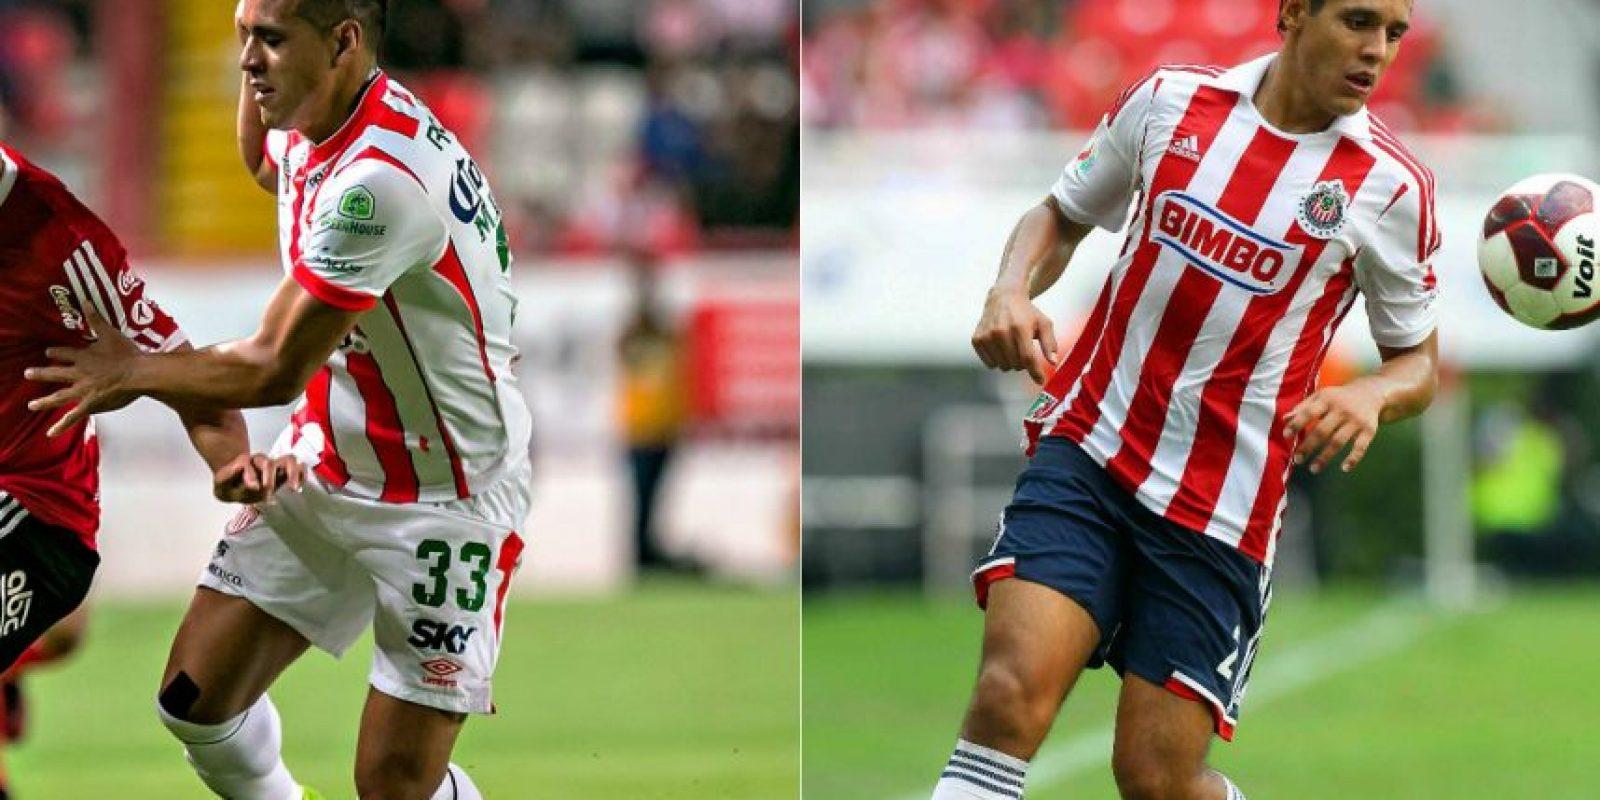 Mario de Luna prometía como defensor central con Chivas pero no pudo con el paquete y ahora juega en el Necaxa. Foto:Mexsport